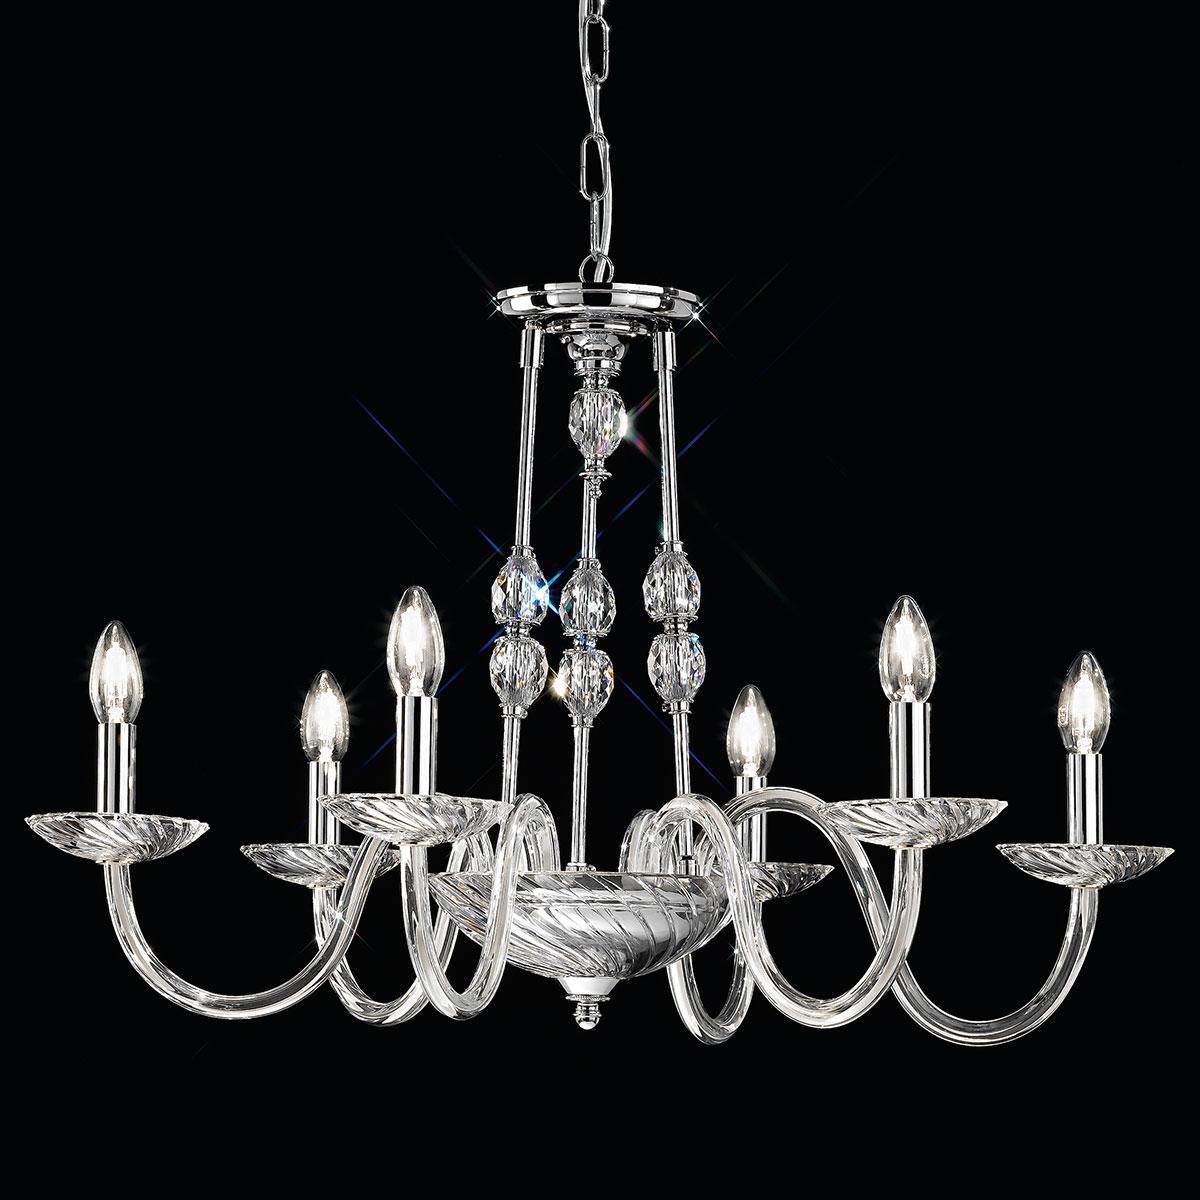 """""""Gentileschi"""" venezianischer kristall kronleuchter - 6 flammig - transparent mit Swarovski Anhänger"""